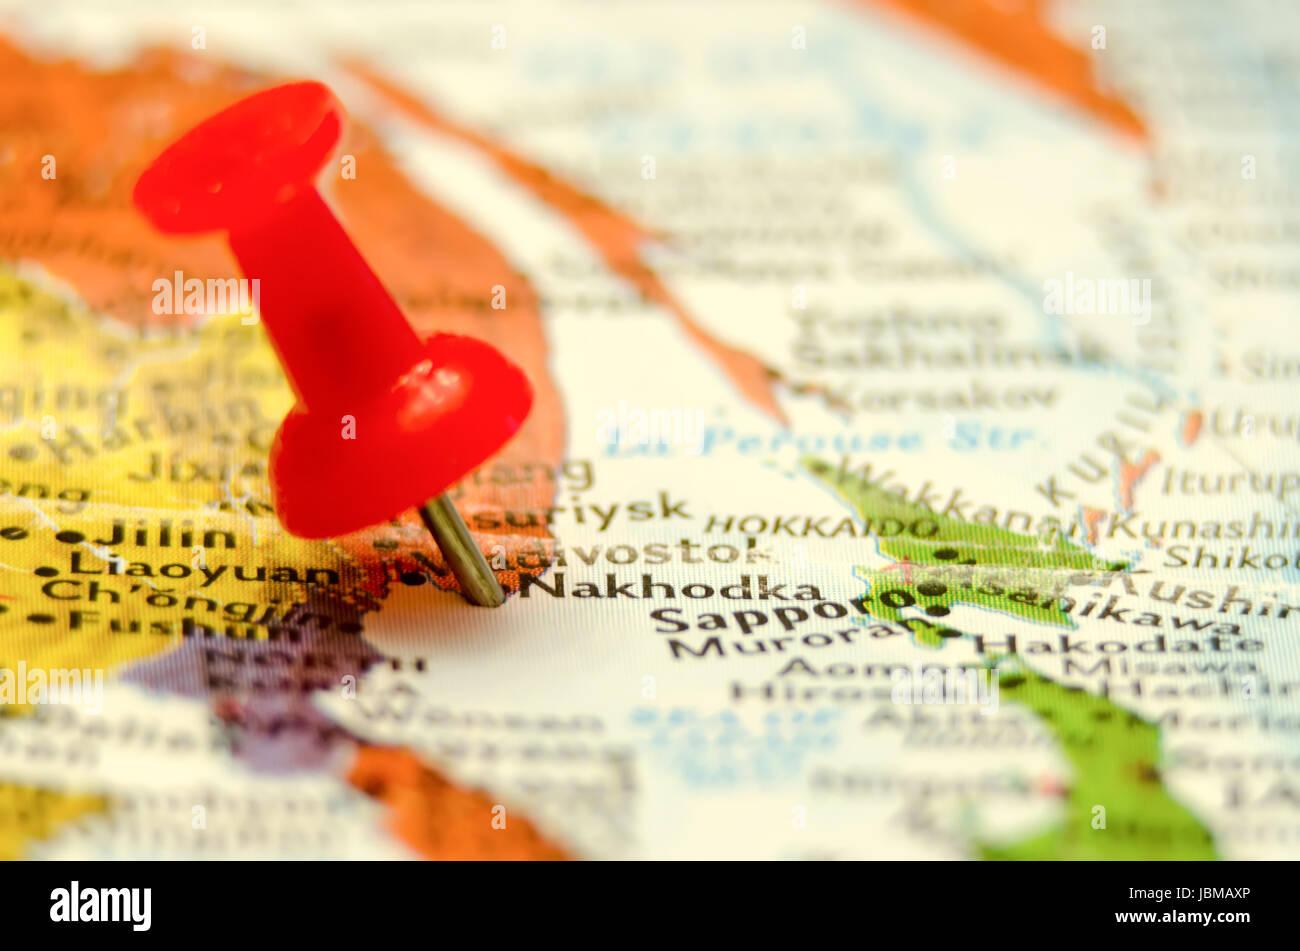 Nakhodka City Pin On The Map Stock Photo Royalty Free Image - Nakhodka map